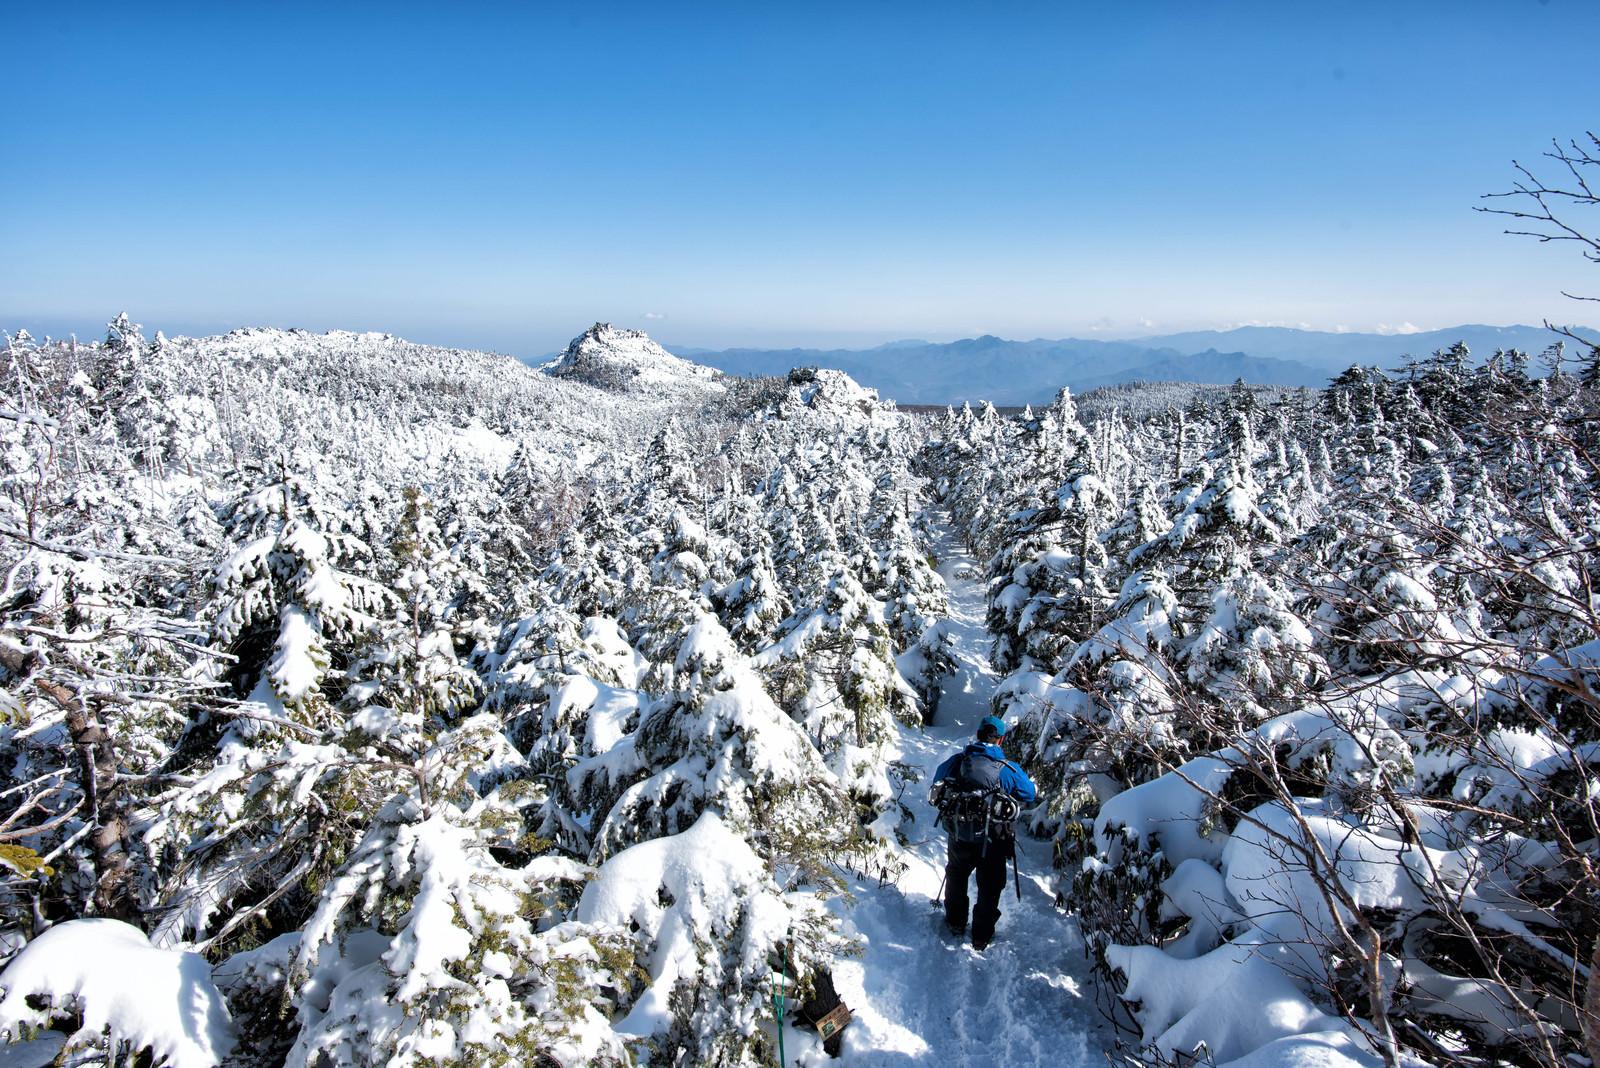 「白く染まる樹林帯を進む登山者」の写真